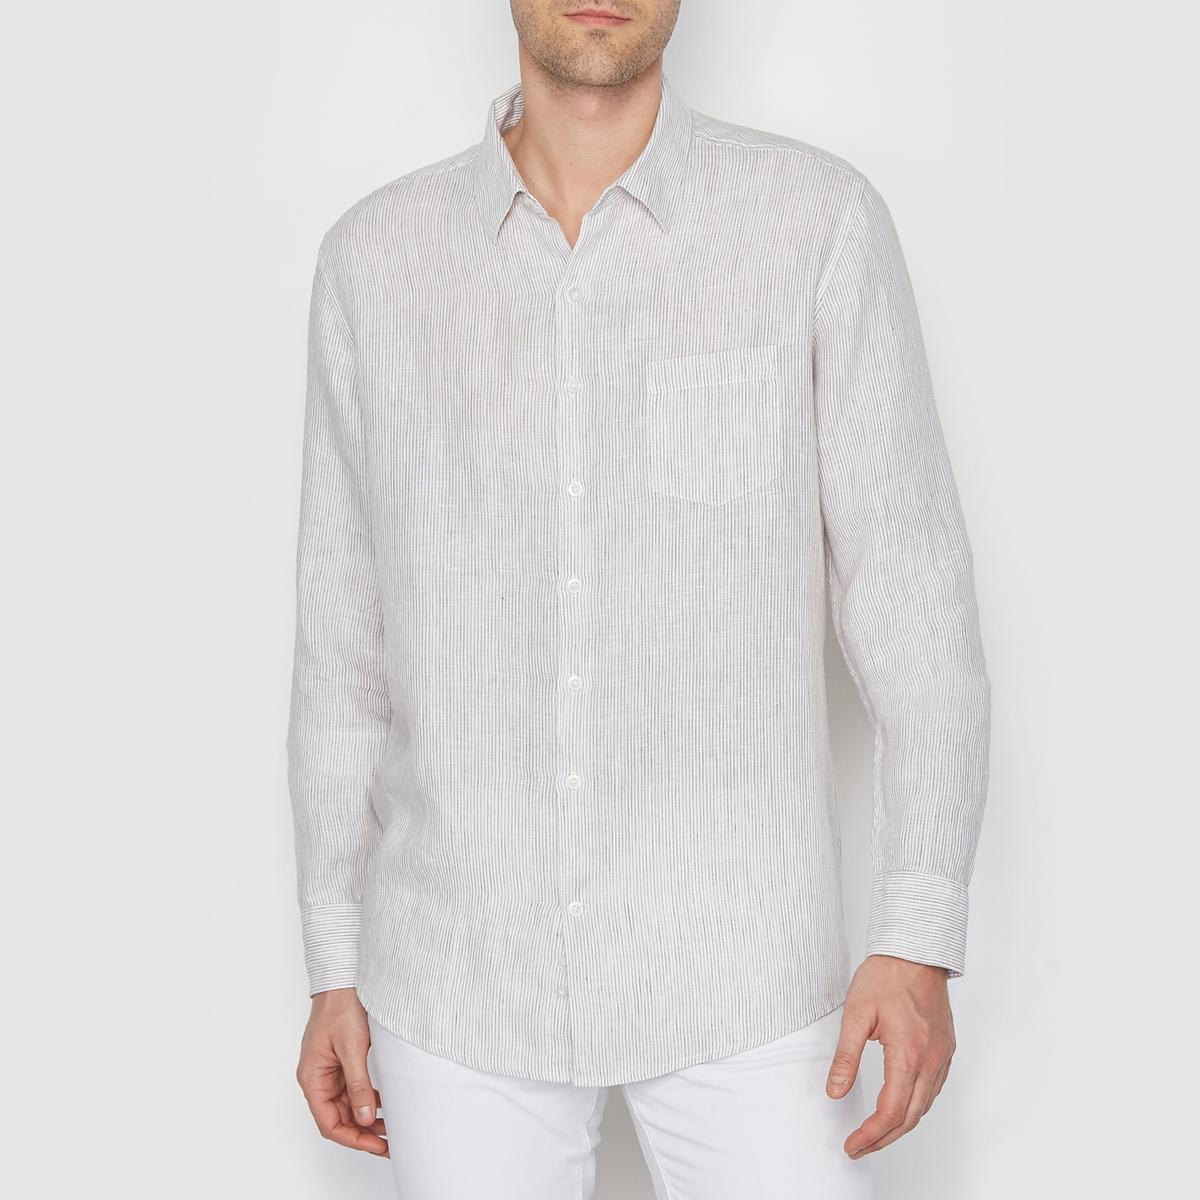 Рубашка в полоску, изо льна, R ESSENTIELРубашка в полоску, R ESSENTIEL. Элегантная и удобная рубашка в полоску, изо льна. Носить, не сдерживая себя, в этом сезоне, днем и ночью. Длинные рукава. Застежка на пуговицы.Состав и описаниеМатериал: 100% льна. Марка: R ESSENTIEL.<br><br>Цвет: в полоску белый/ бежевый